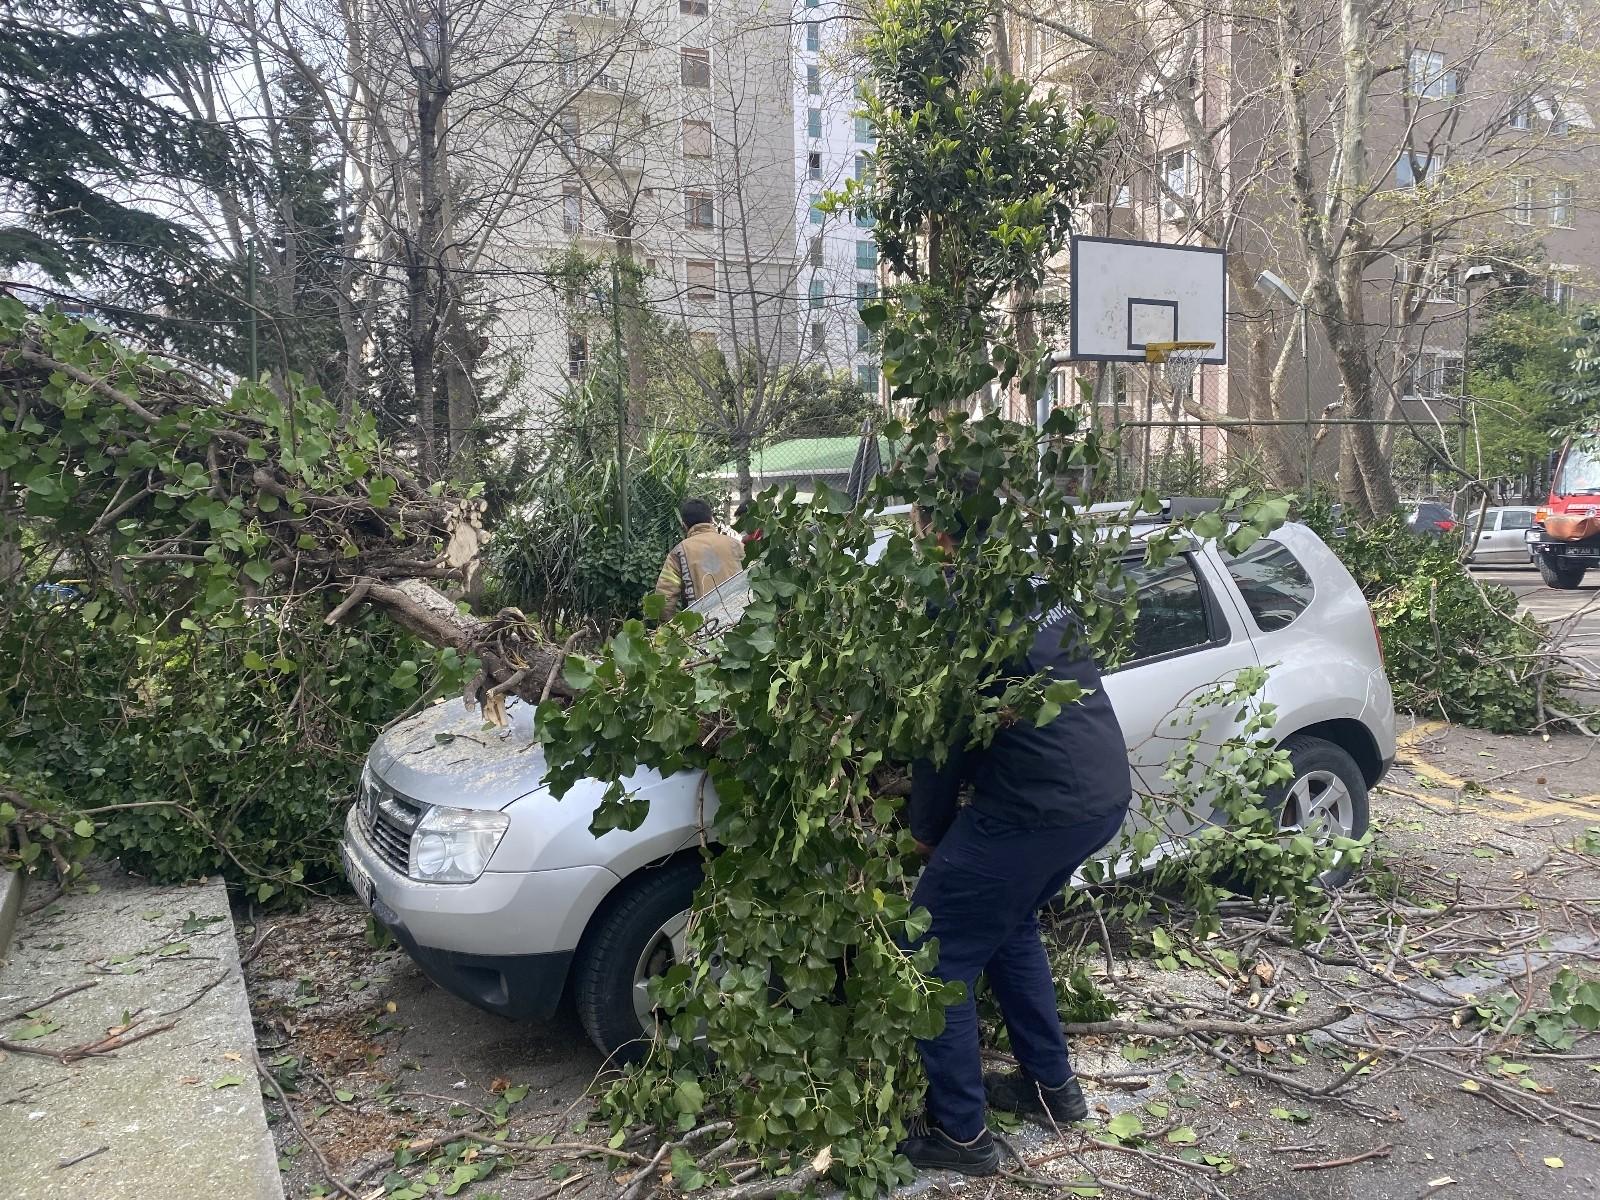 Kadıköy'de çıkan şiddetli rüzgar sonucu park halindeki otomobillerin üzerine ağaç devrildi